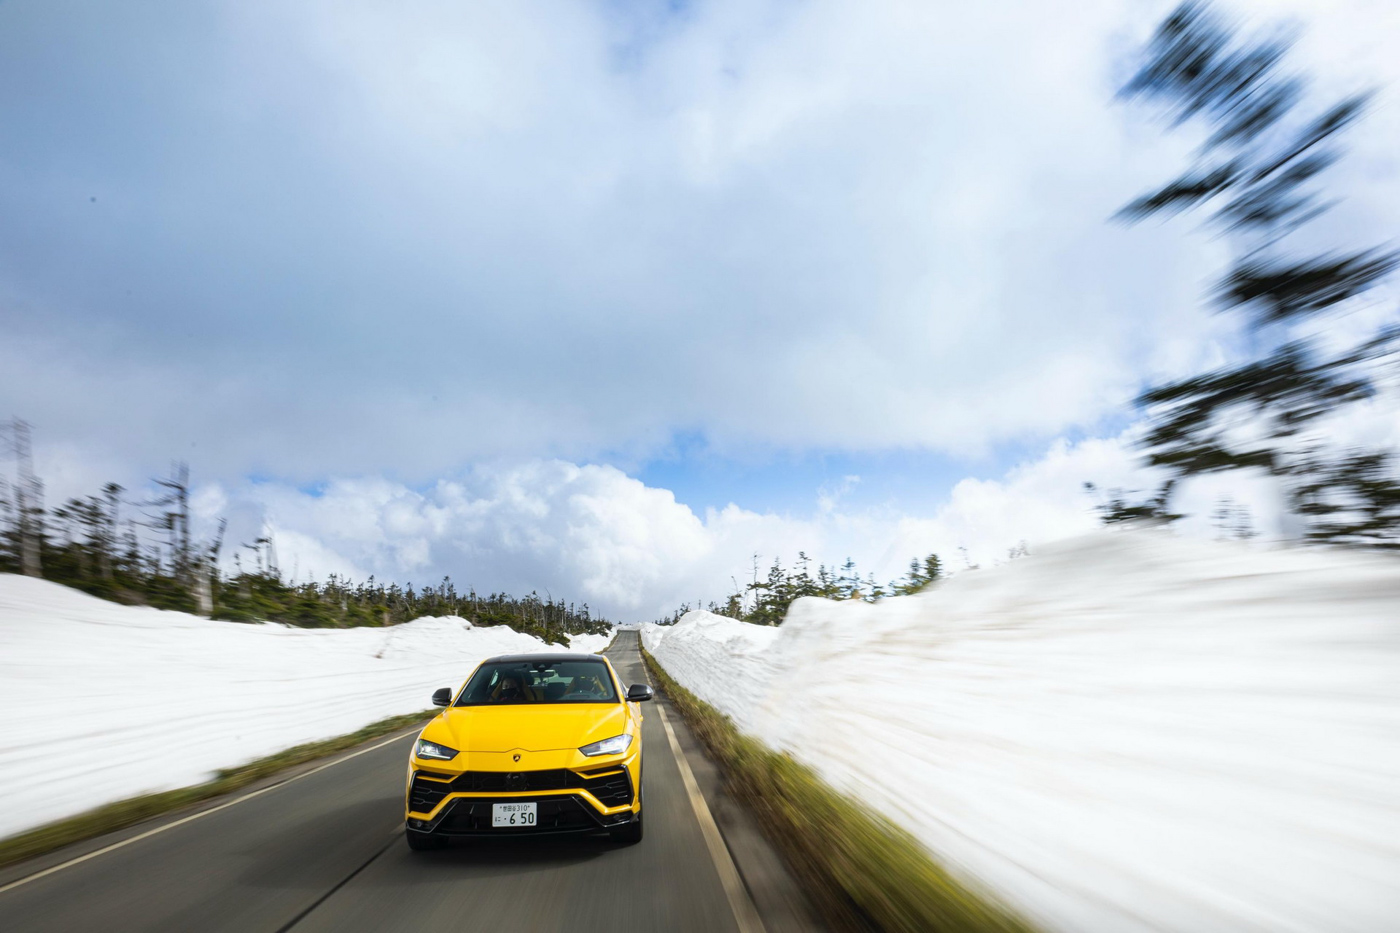 Bộ-đôi-Lamborghini-Urus-vượt-hơn-6.500-km-trong-hành-trình-xuyên-Nhật-Bản (14).jpg